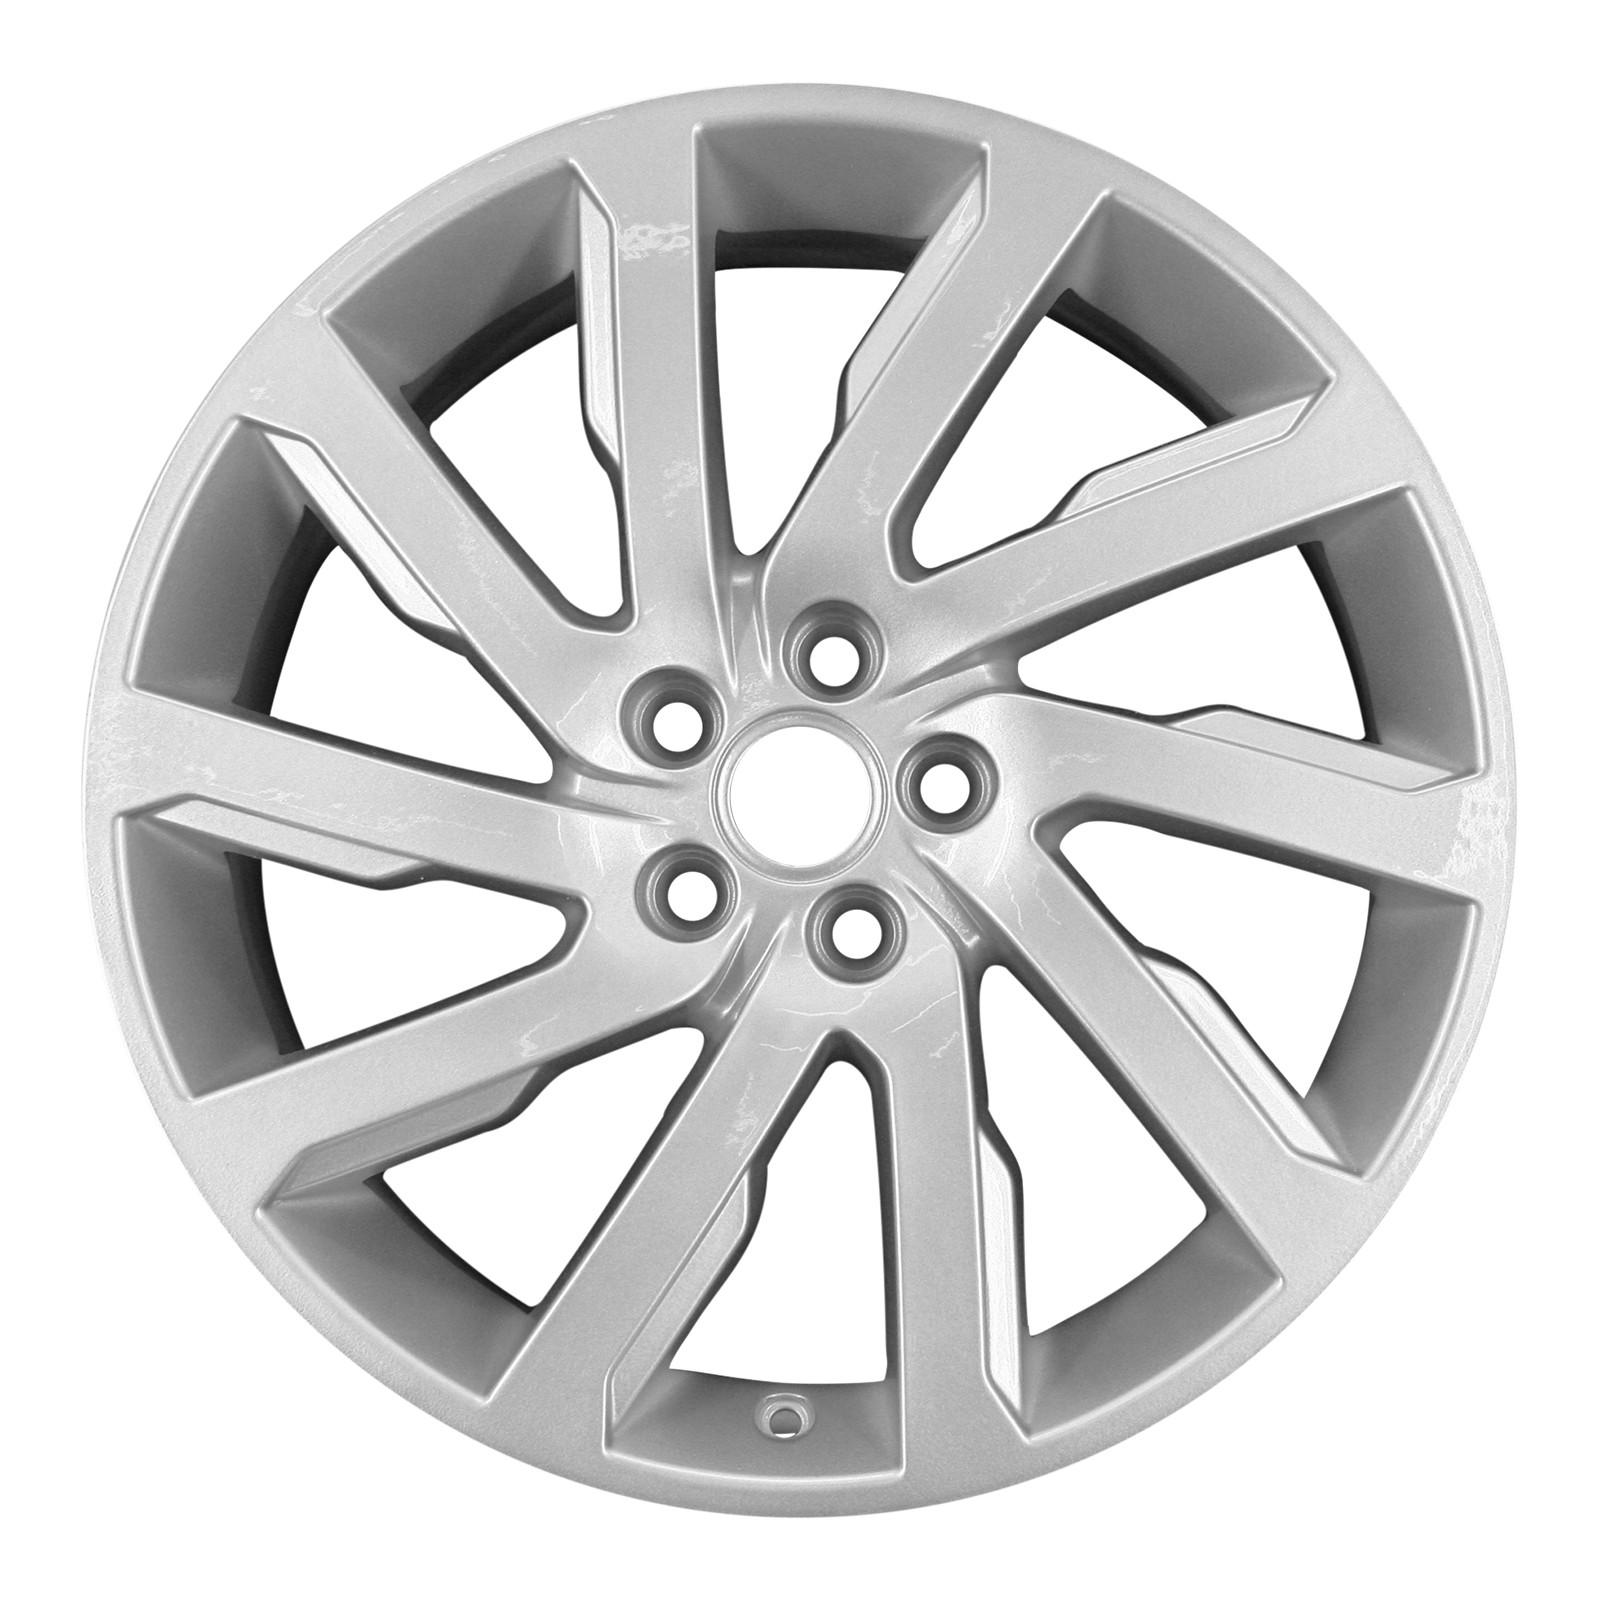 Колесный диск R19 Silver Sparkle для Land Rover Freelander